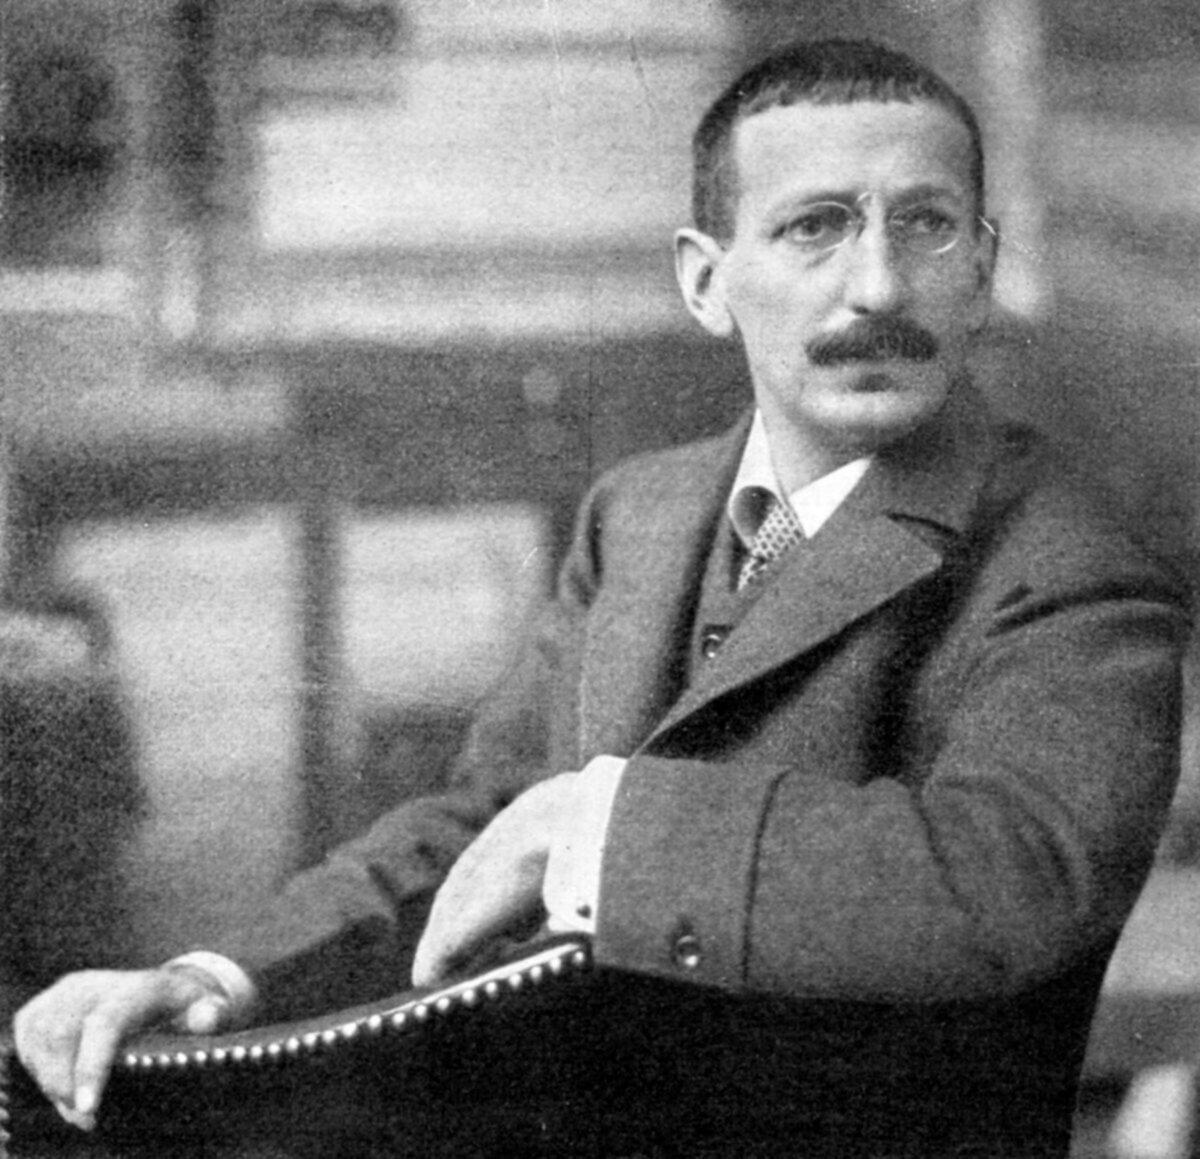 Leistikow, Walter